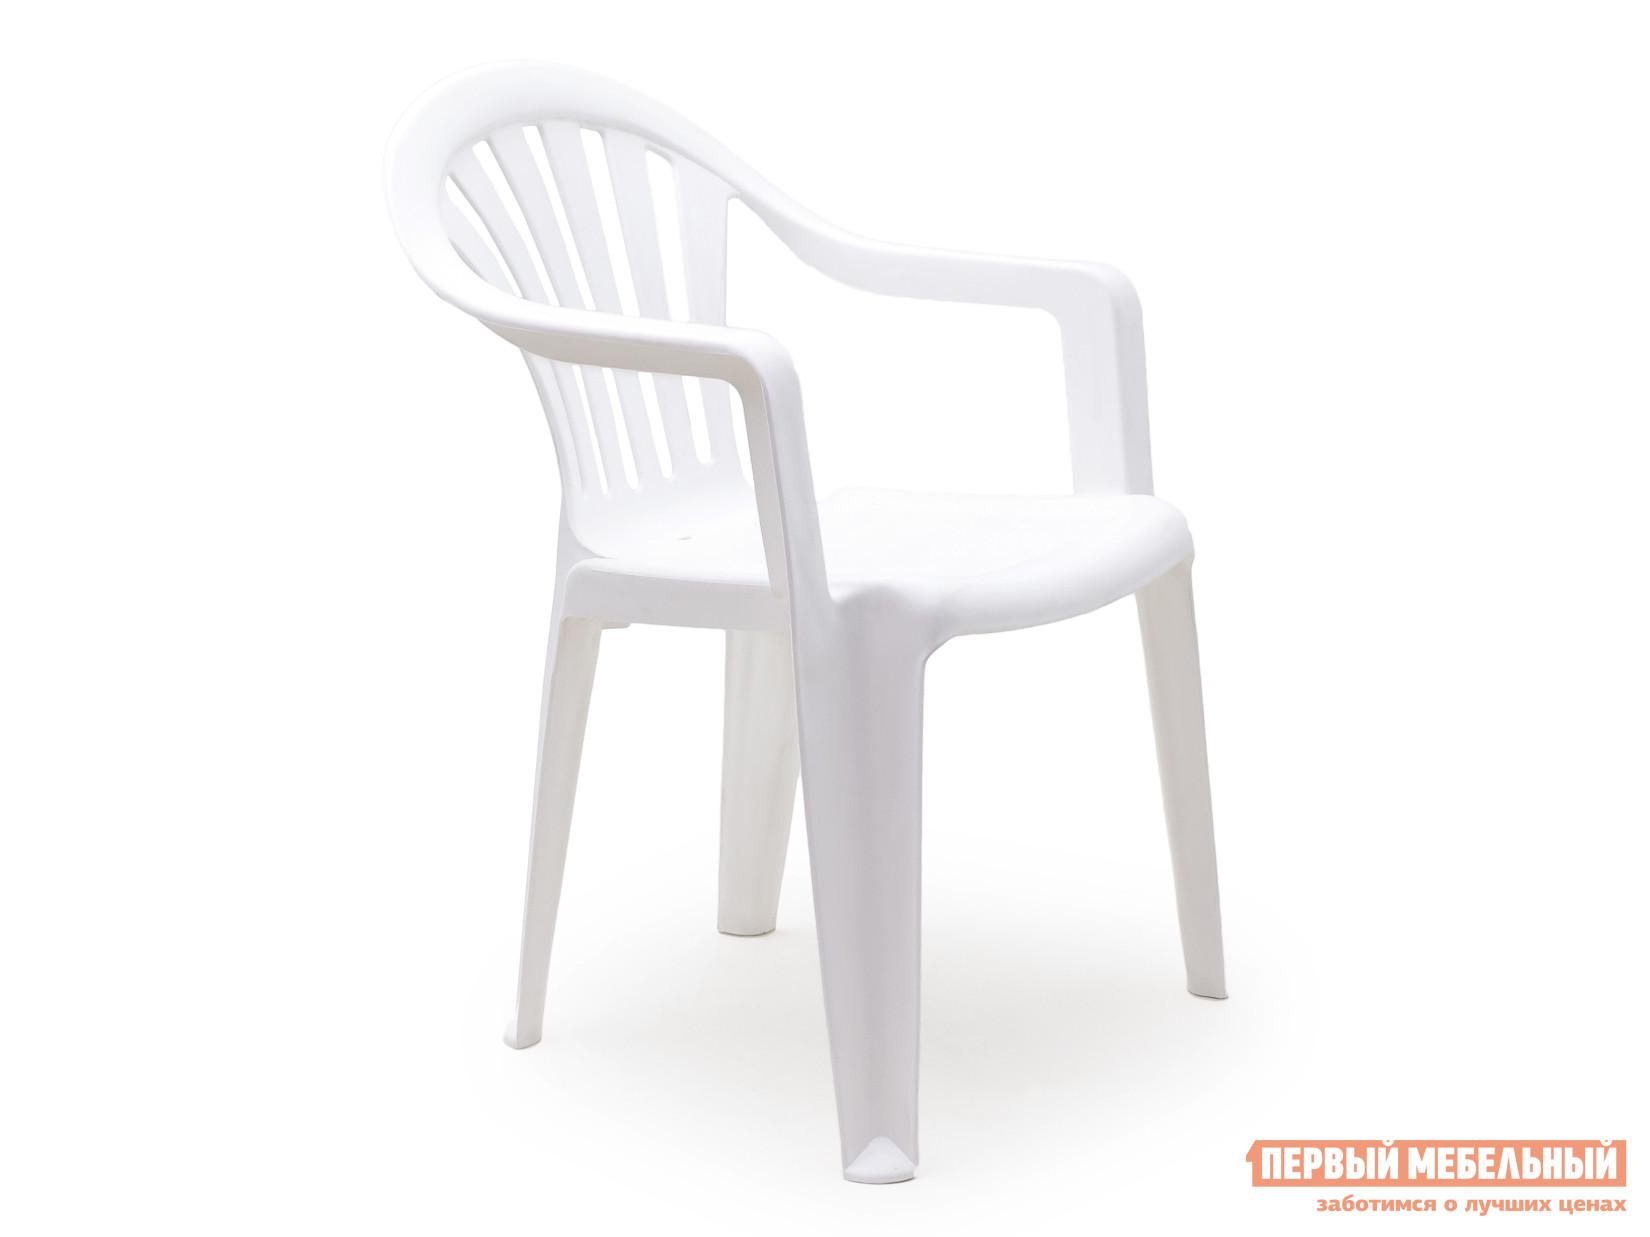 Пластиковый стул Стандарт Пластик Кресло №1